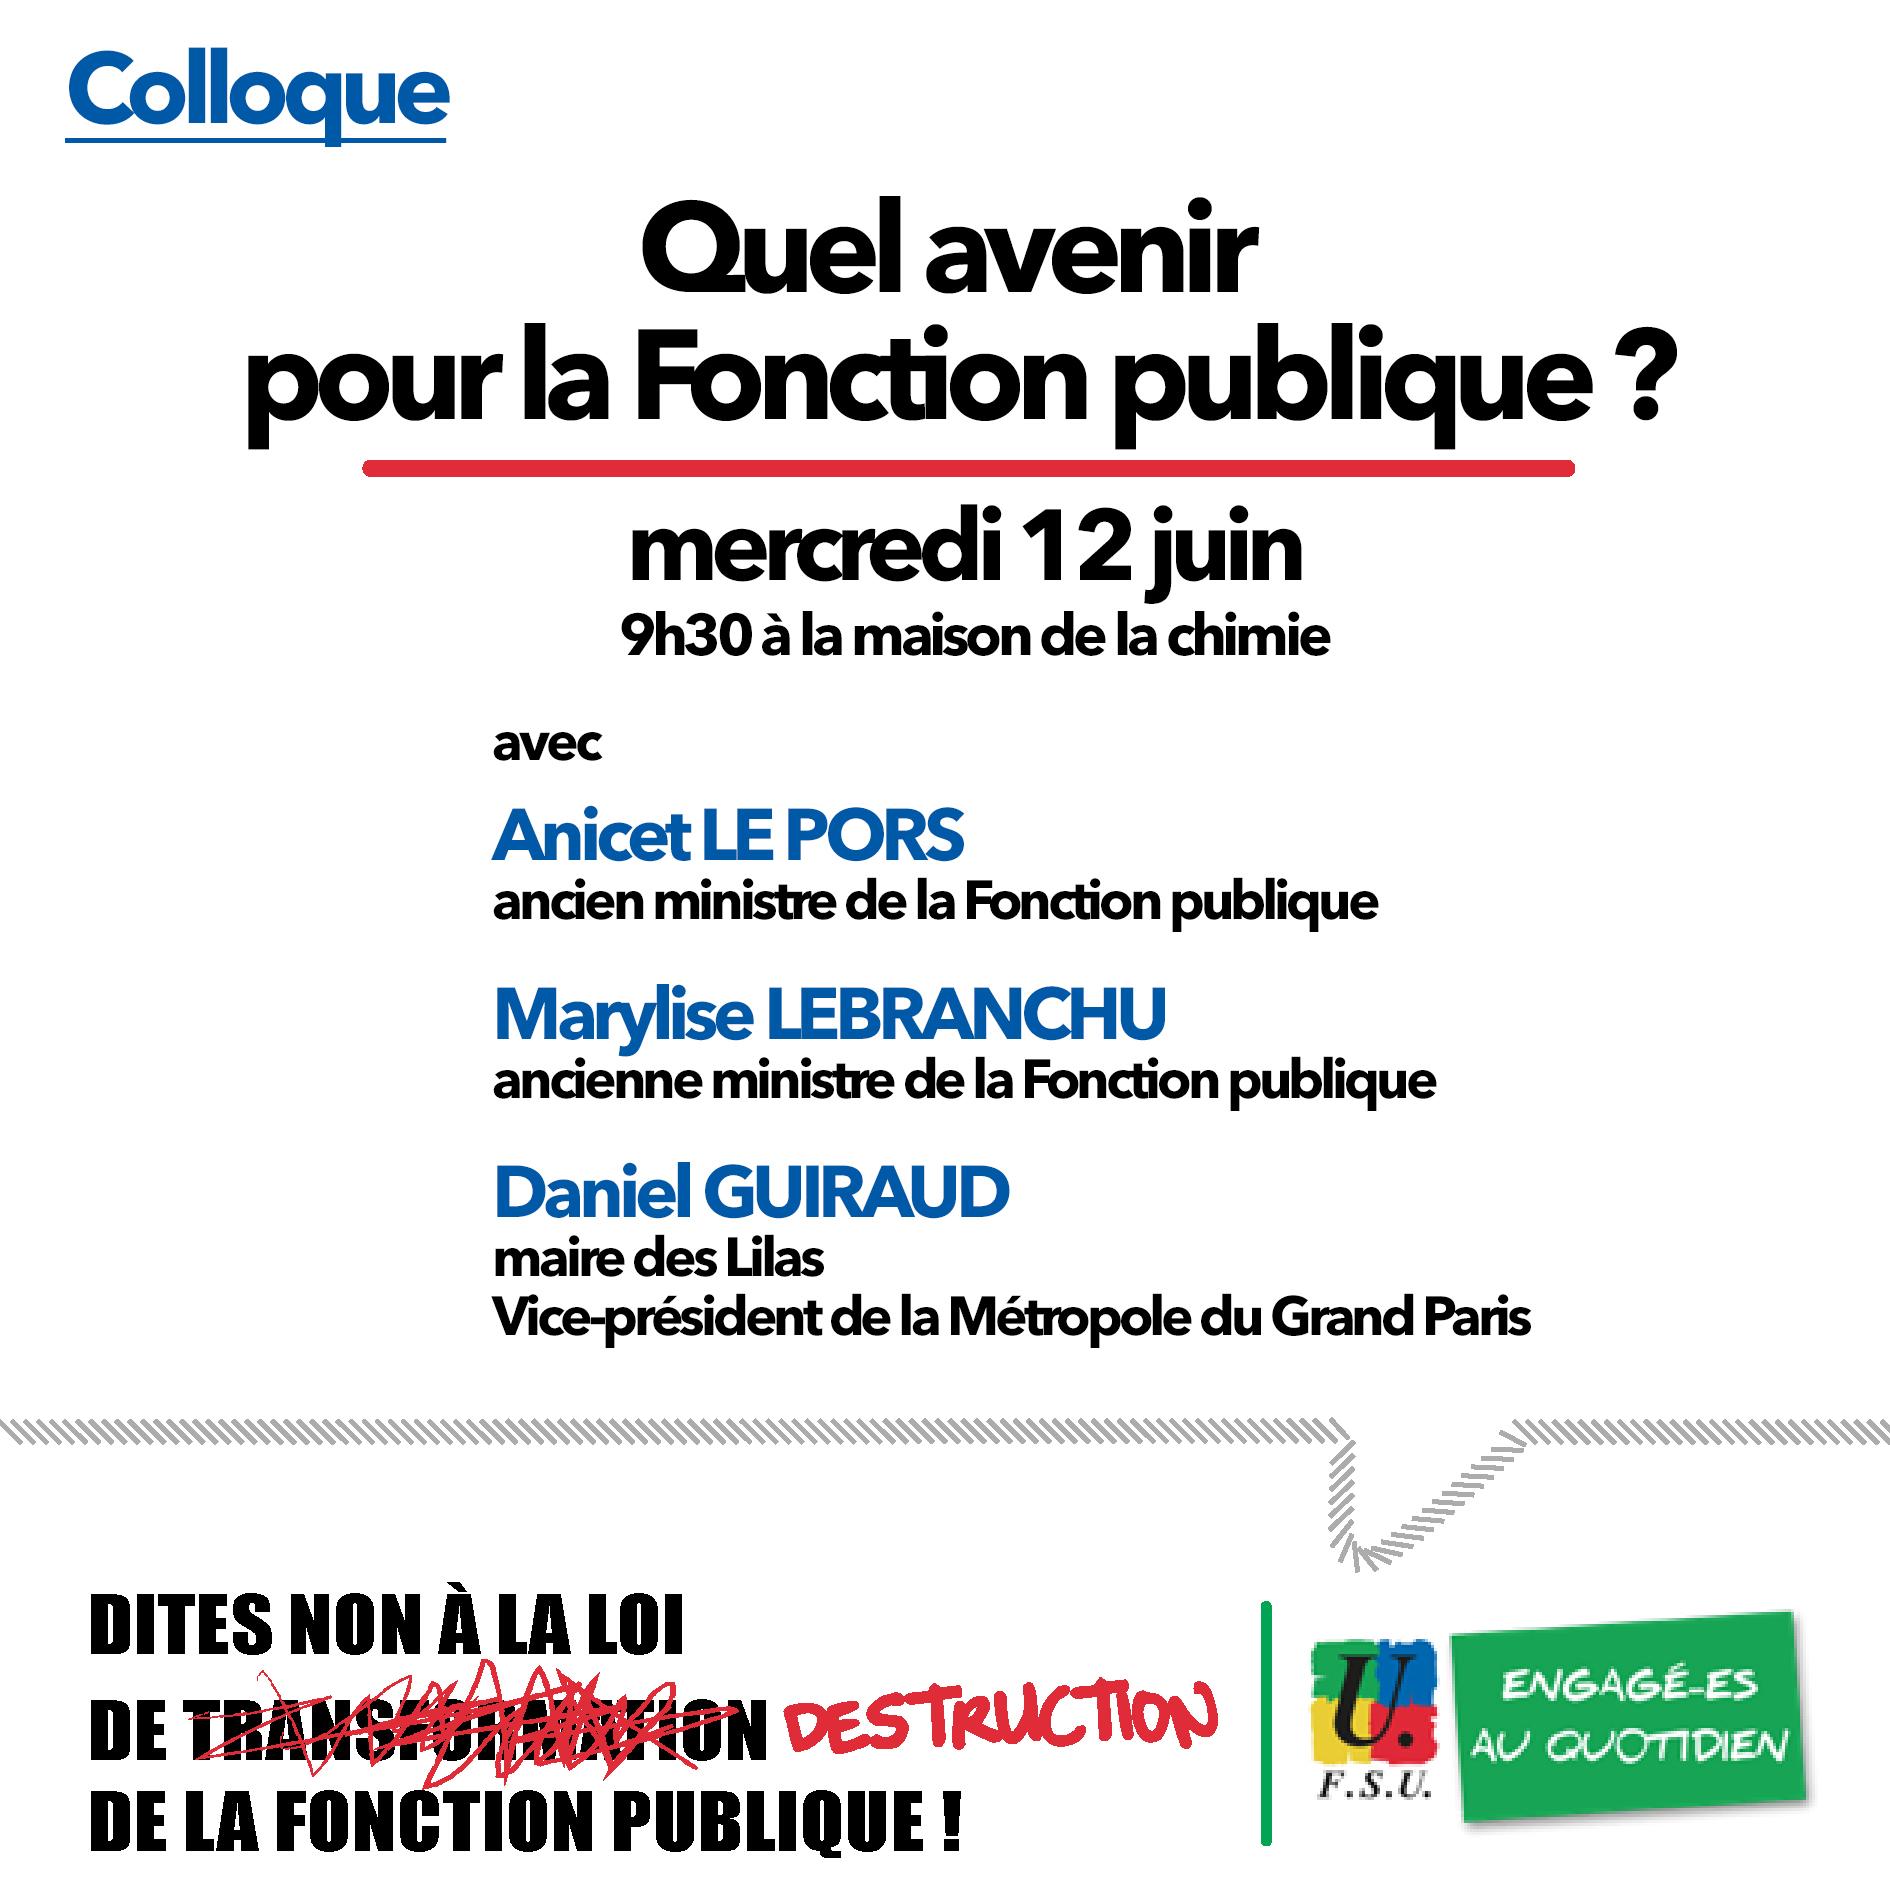 Calendrier Salaire Fonction Publique 2019.Fonction Publique 2019 Point D Indice 2019 Du Salaire Des